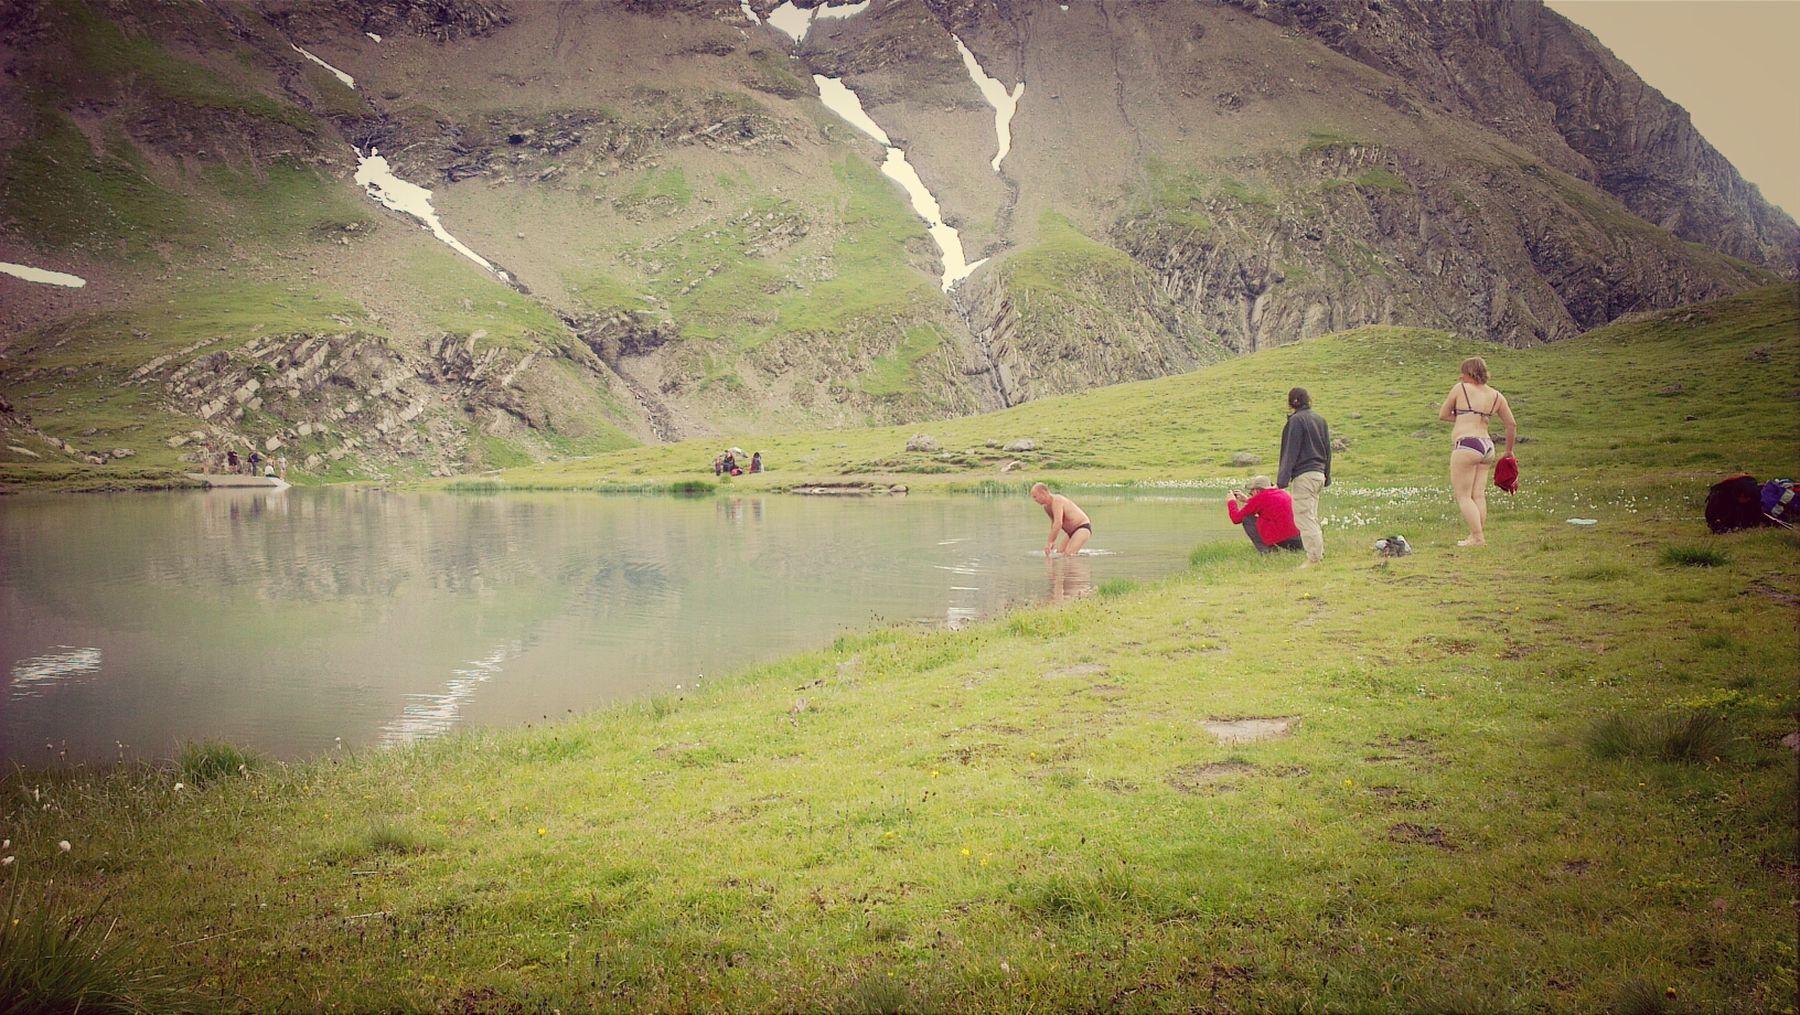 Bergsee Badespaß? Bibber Swimming